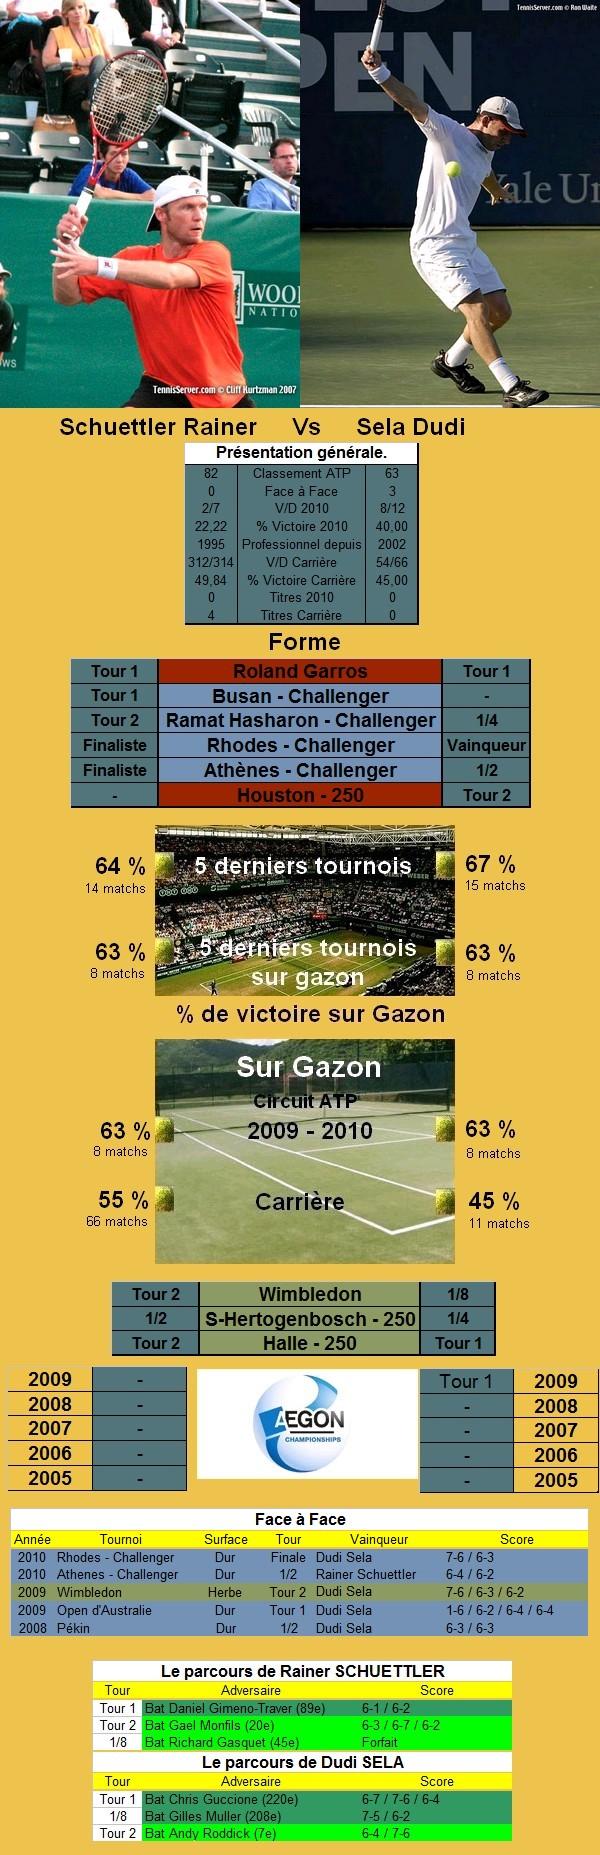 Les statistiques tennis de Rainer Schuettler et de Dudi Sela avant leur confrontation en quart de finale du tournoi de tennis du Queens.